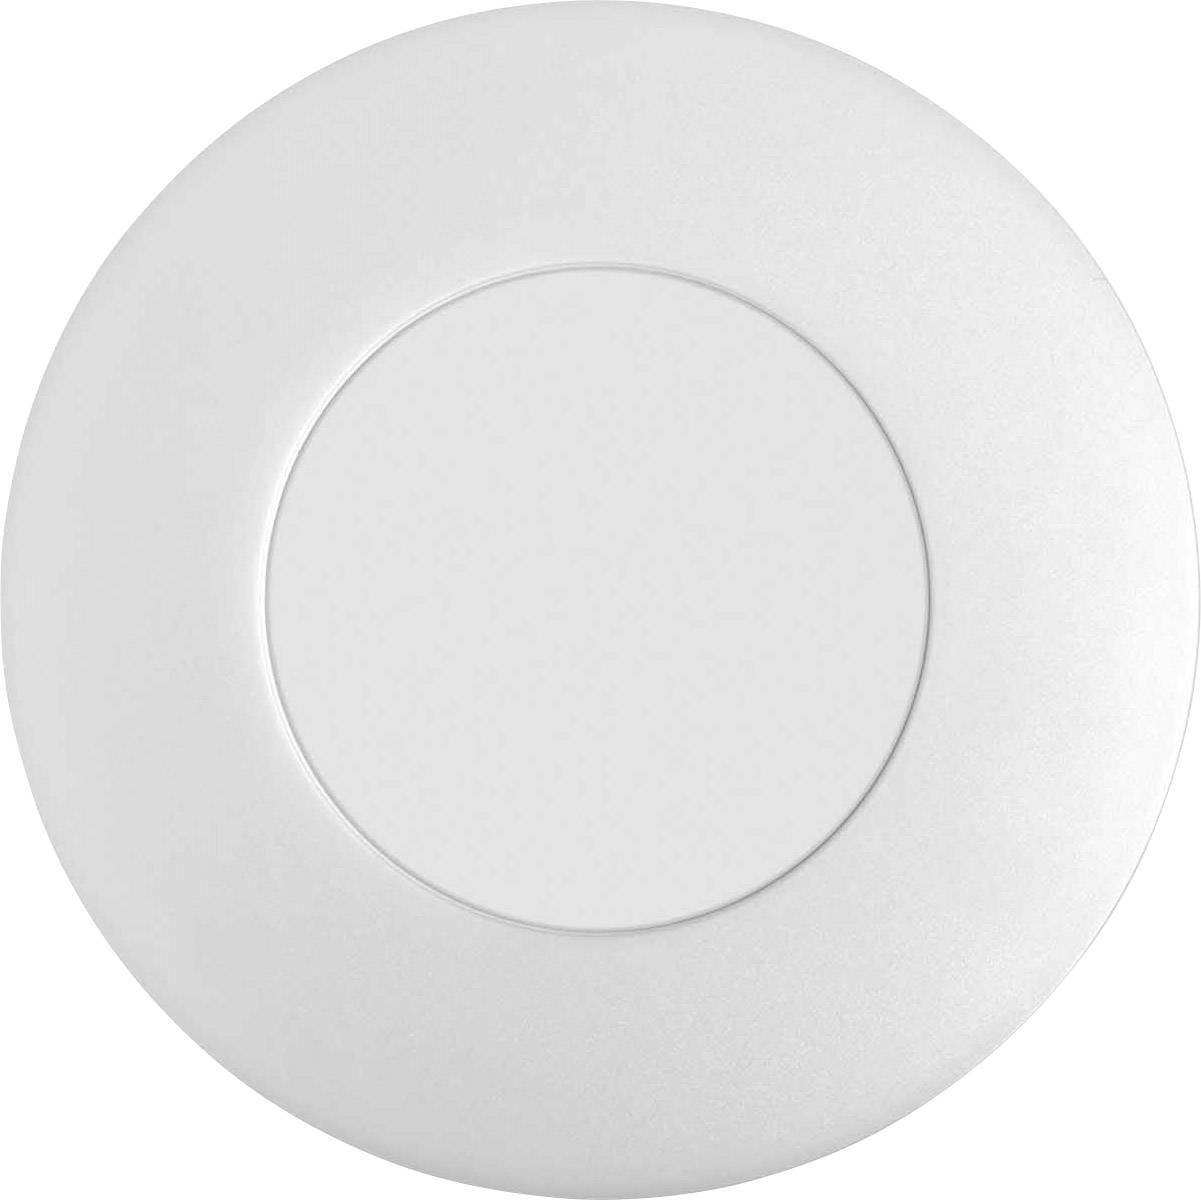 LED stropní a nástěnné svítidlo OSRAM Lightify Surface Light W 28W, 28 W, teplá bílá